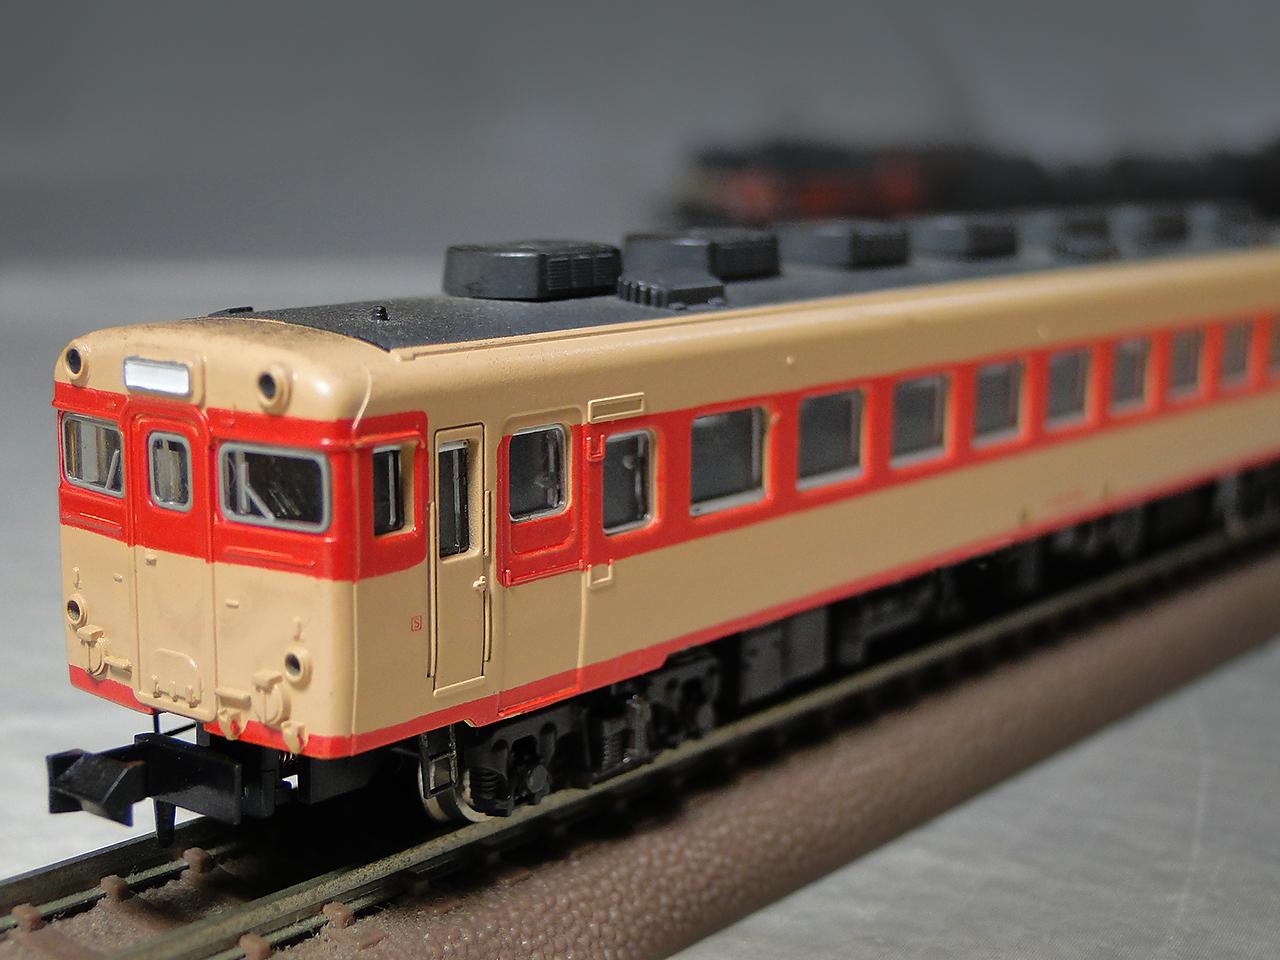 http://moritetsu.info/model-railway/img/DSC06337sssss.jpg